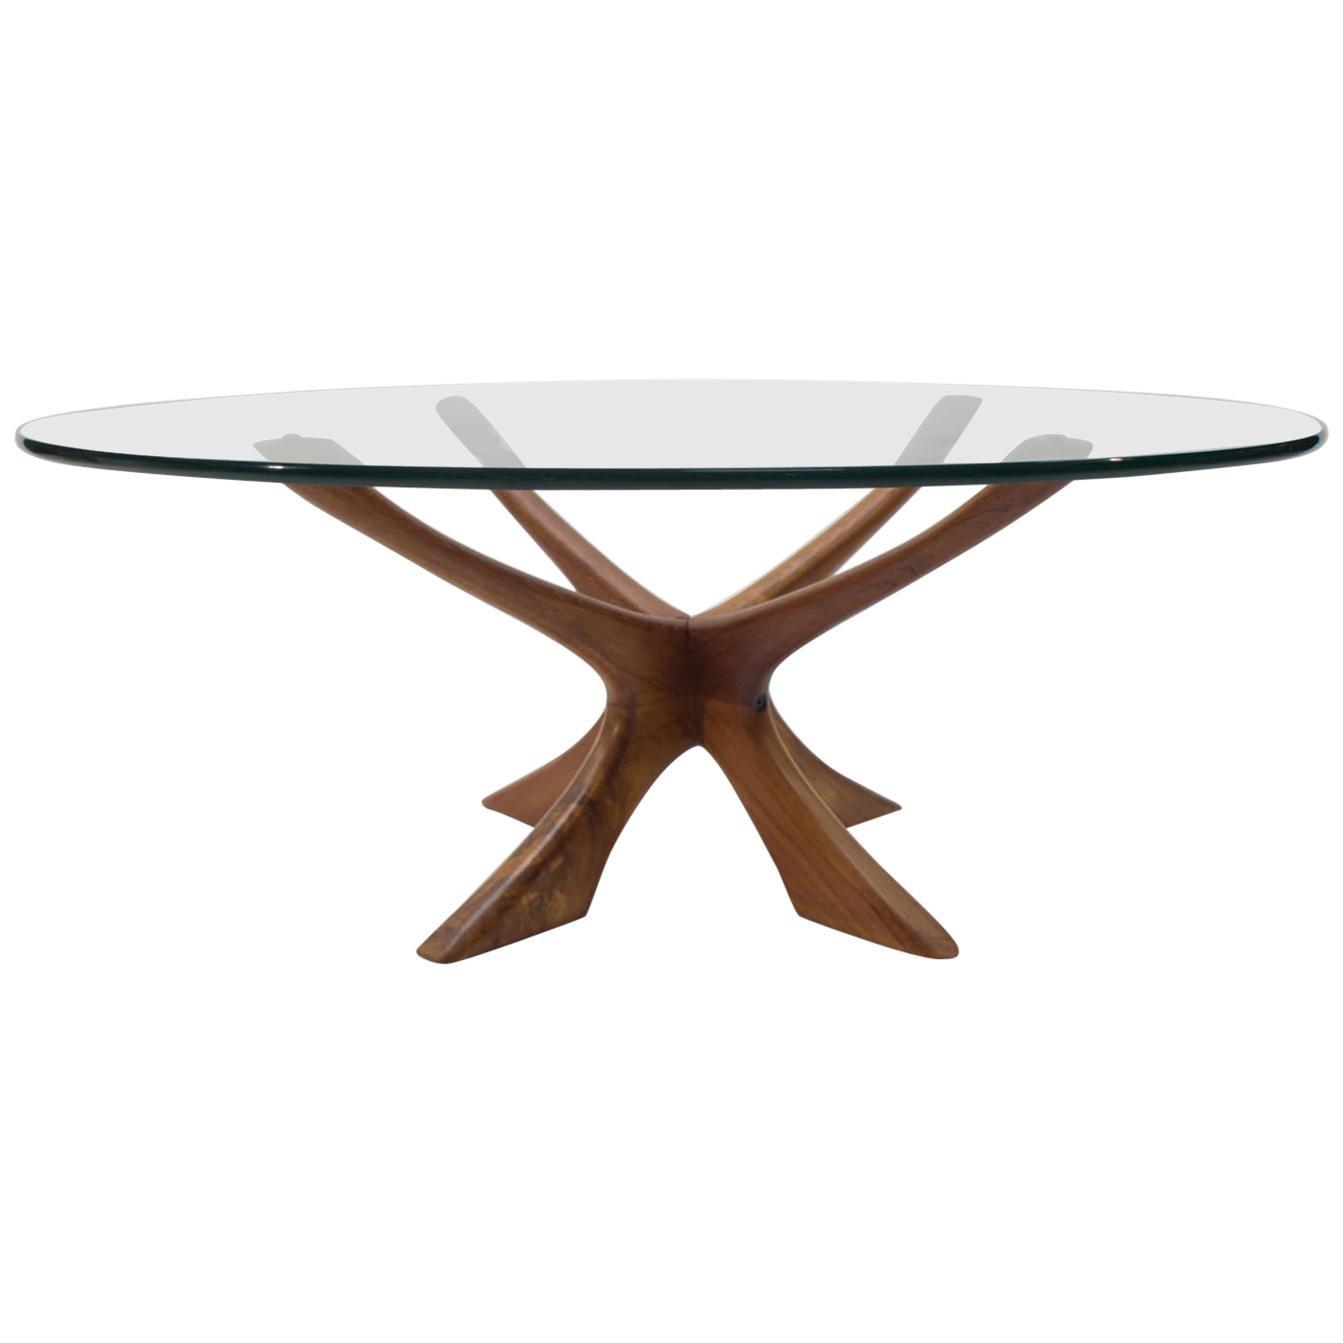 Illum Wikkelso T118 Teak Coffee Table, 1960s Denmark